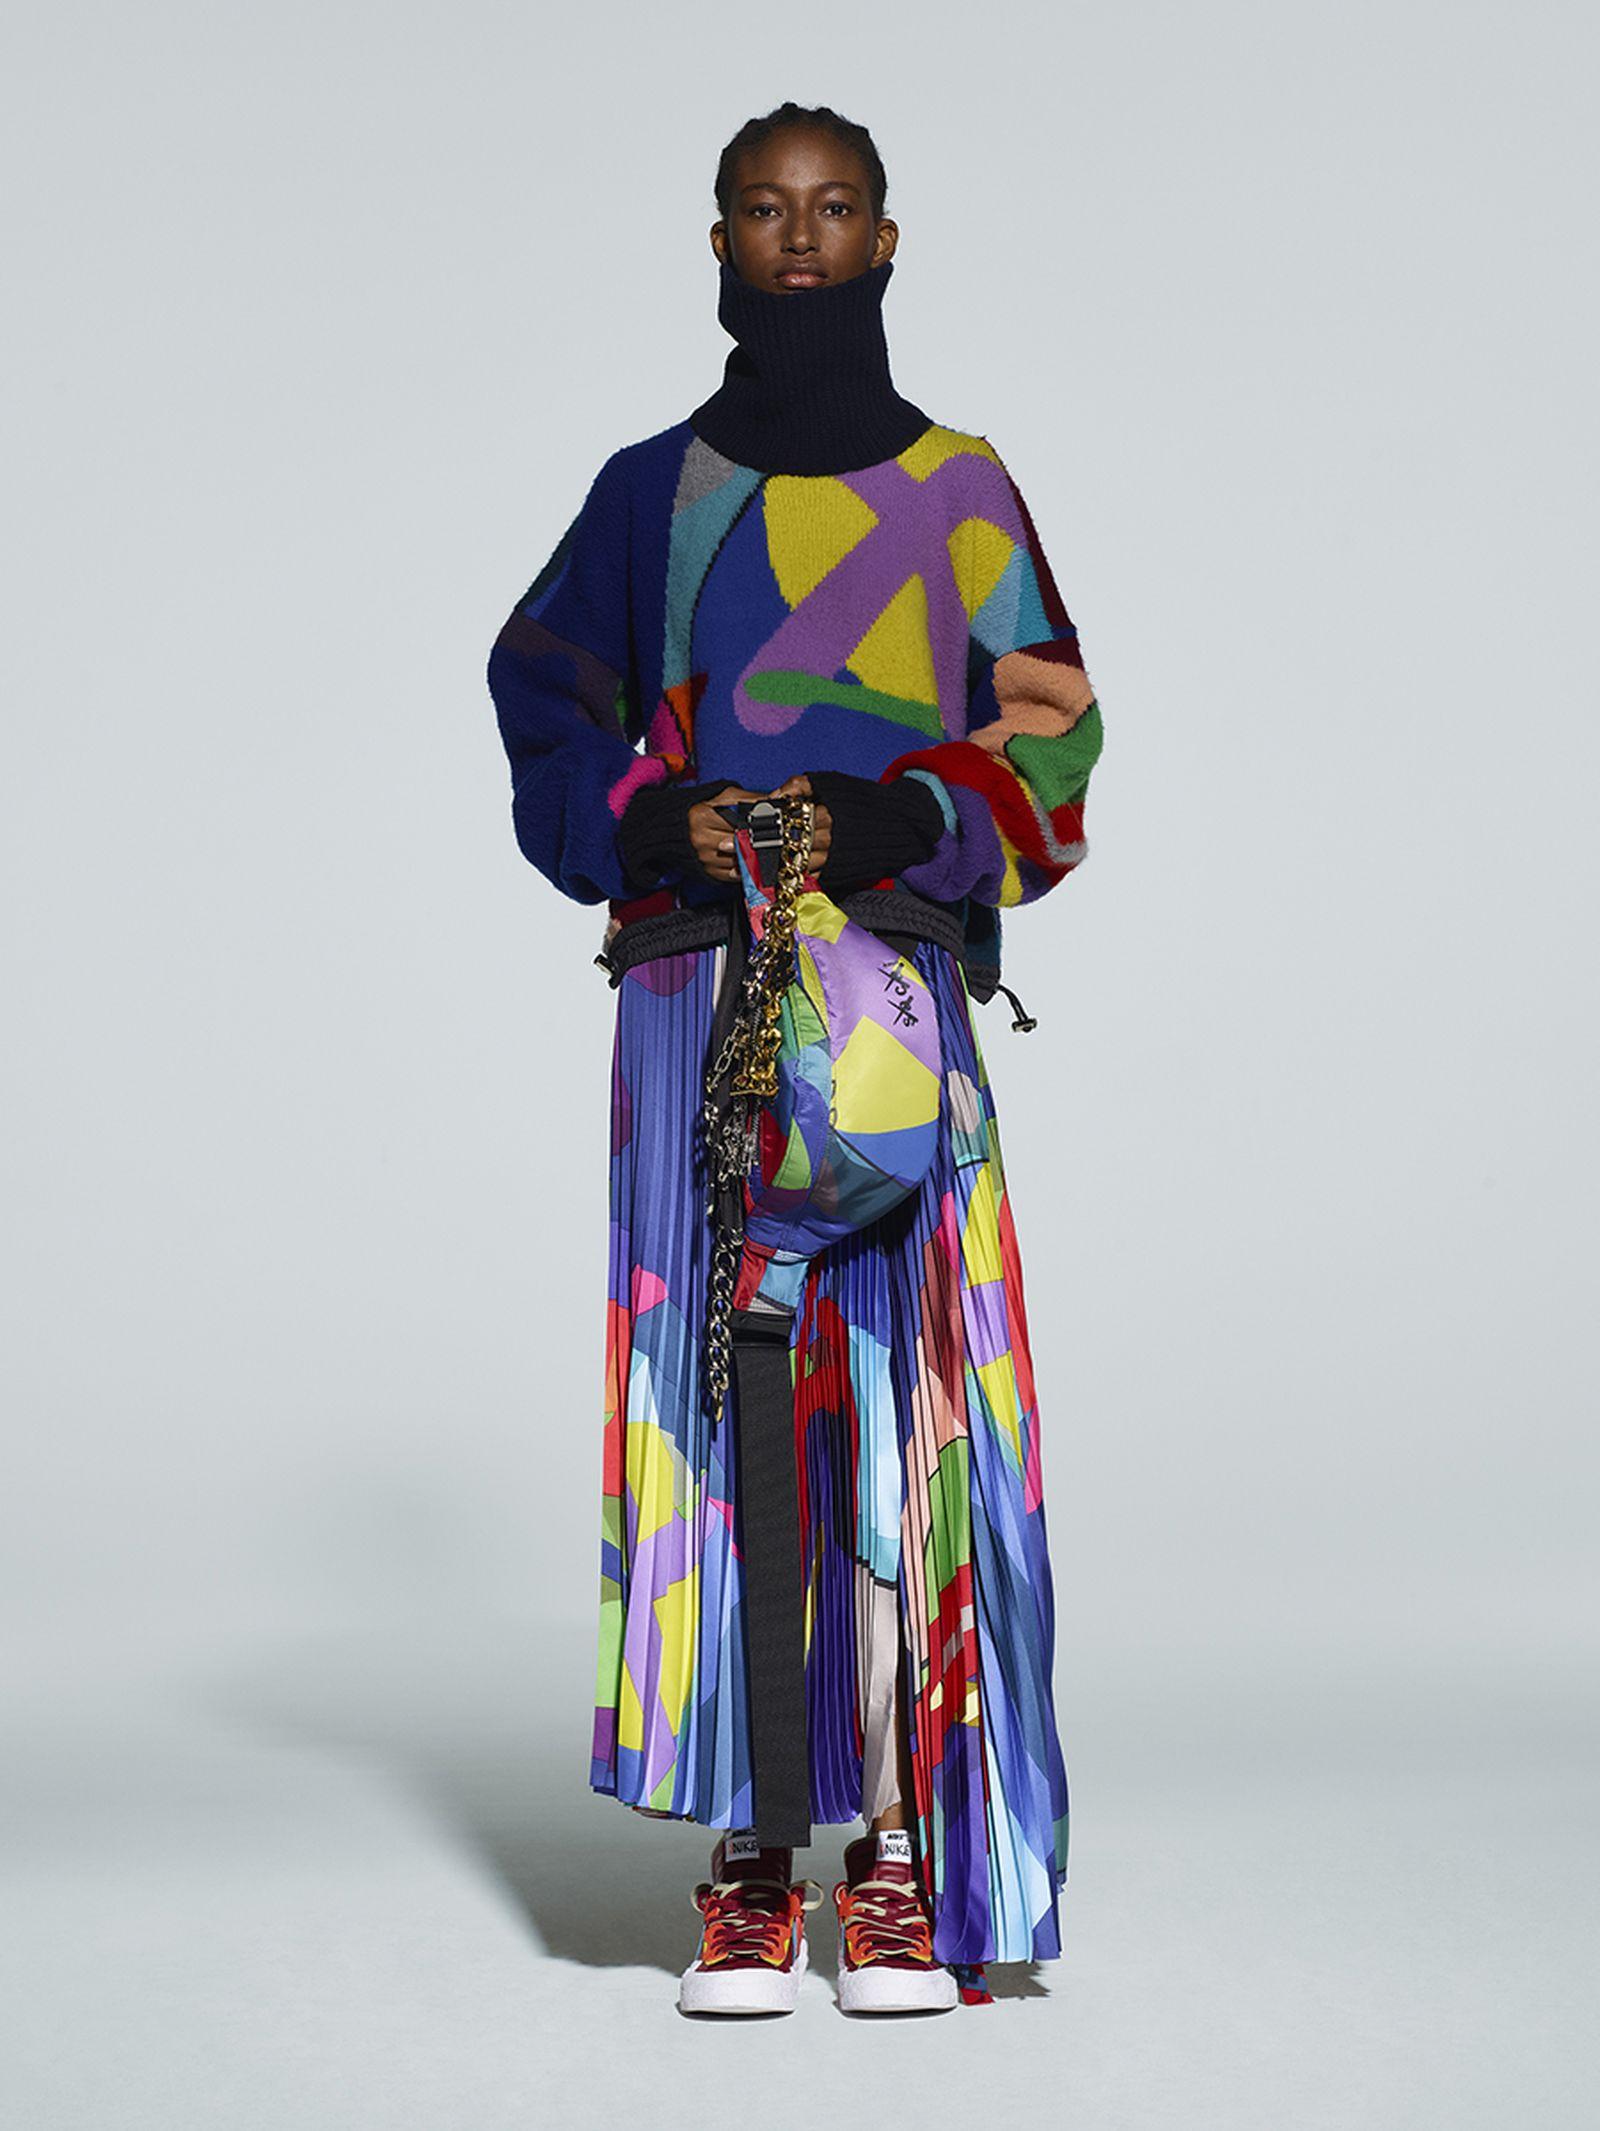 kaws-sacai-nike-blazer-low-release-date-price-02